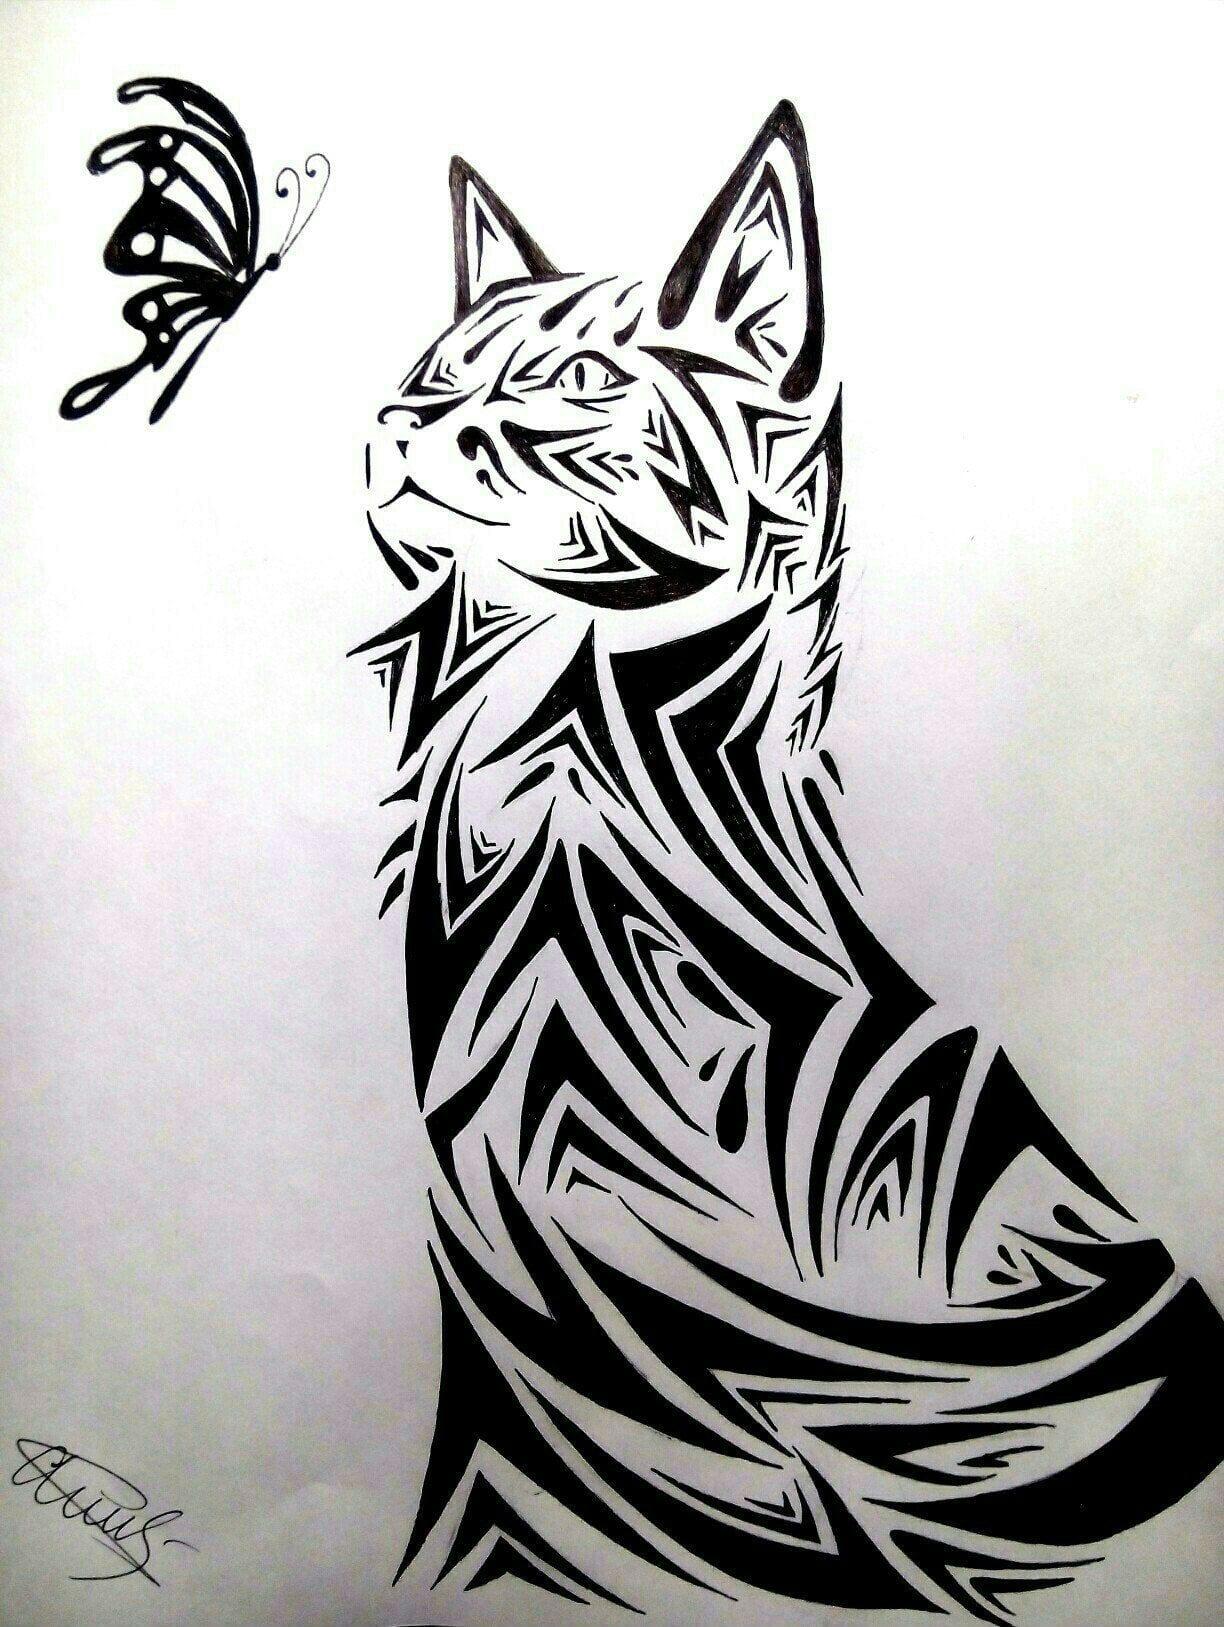 раскраска кошки распечатать бесплатно в хорошем качестве ...